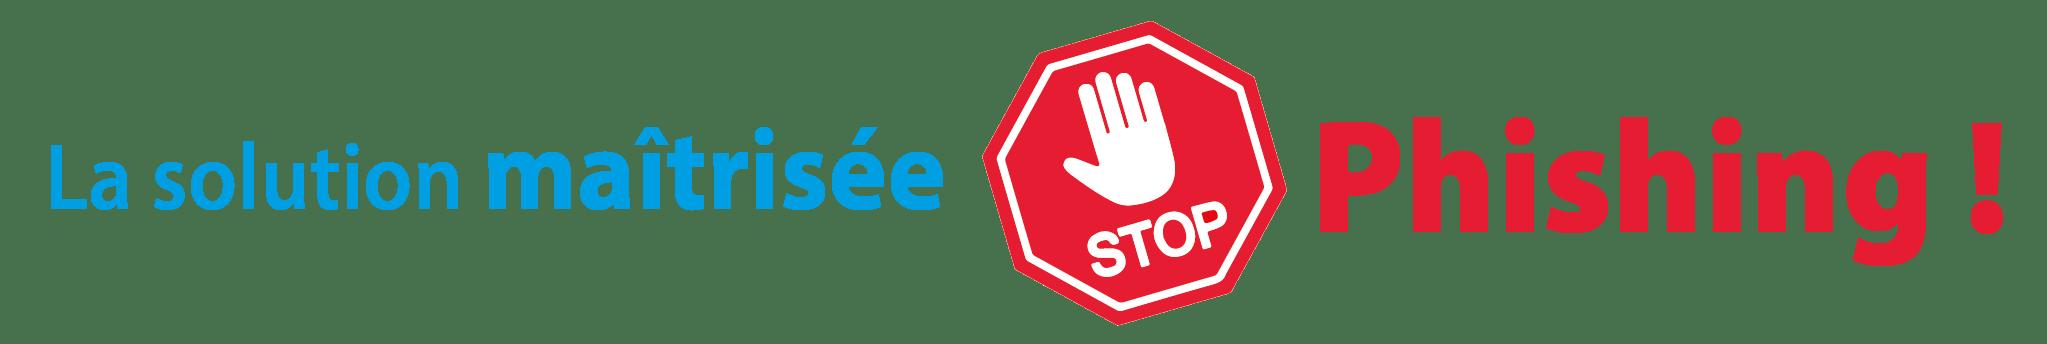 Bannière La solution maîtrisée Stop Phishing